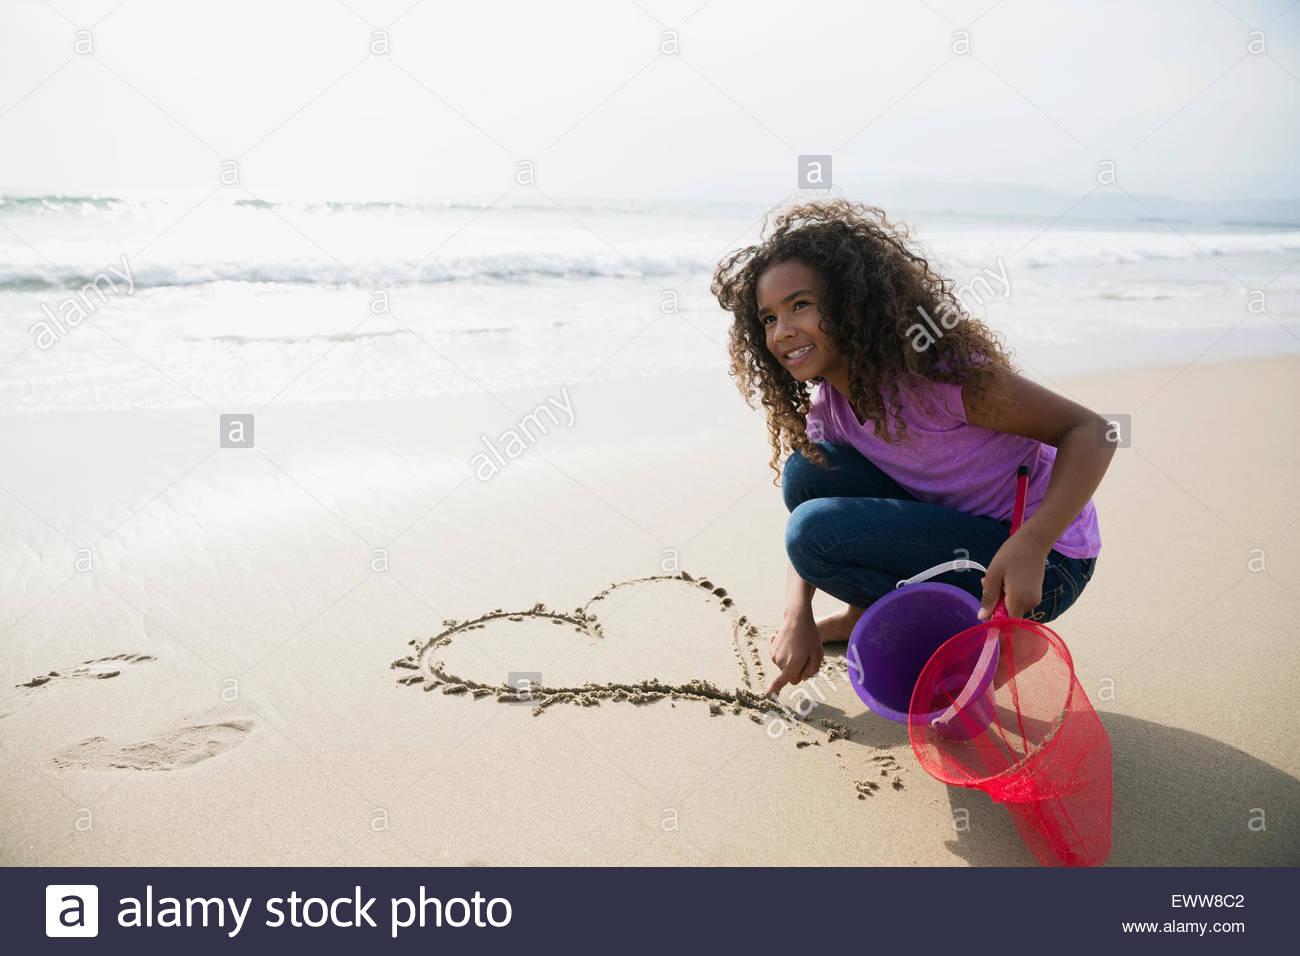 Dibujo chica con forma de corazón en la arena en la playa Imagen De Stock